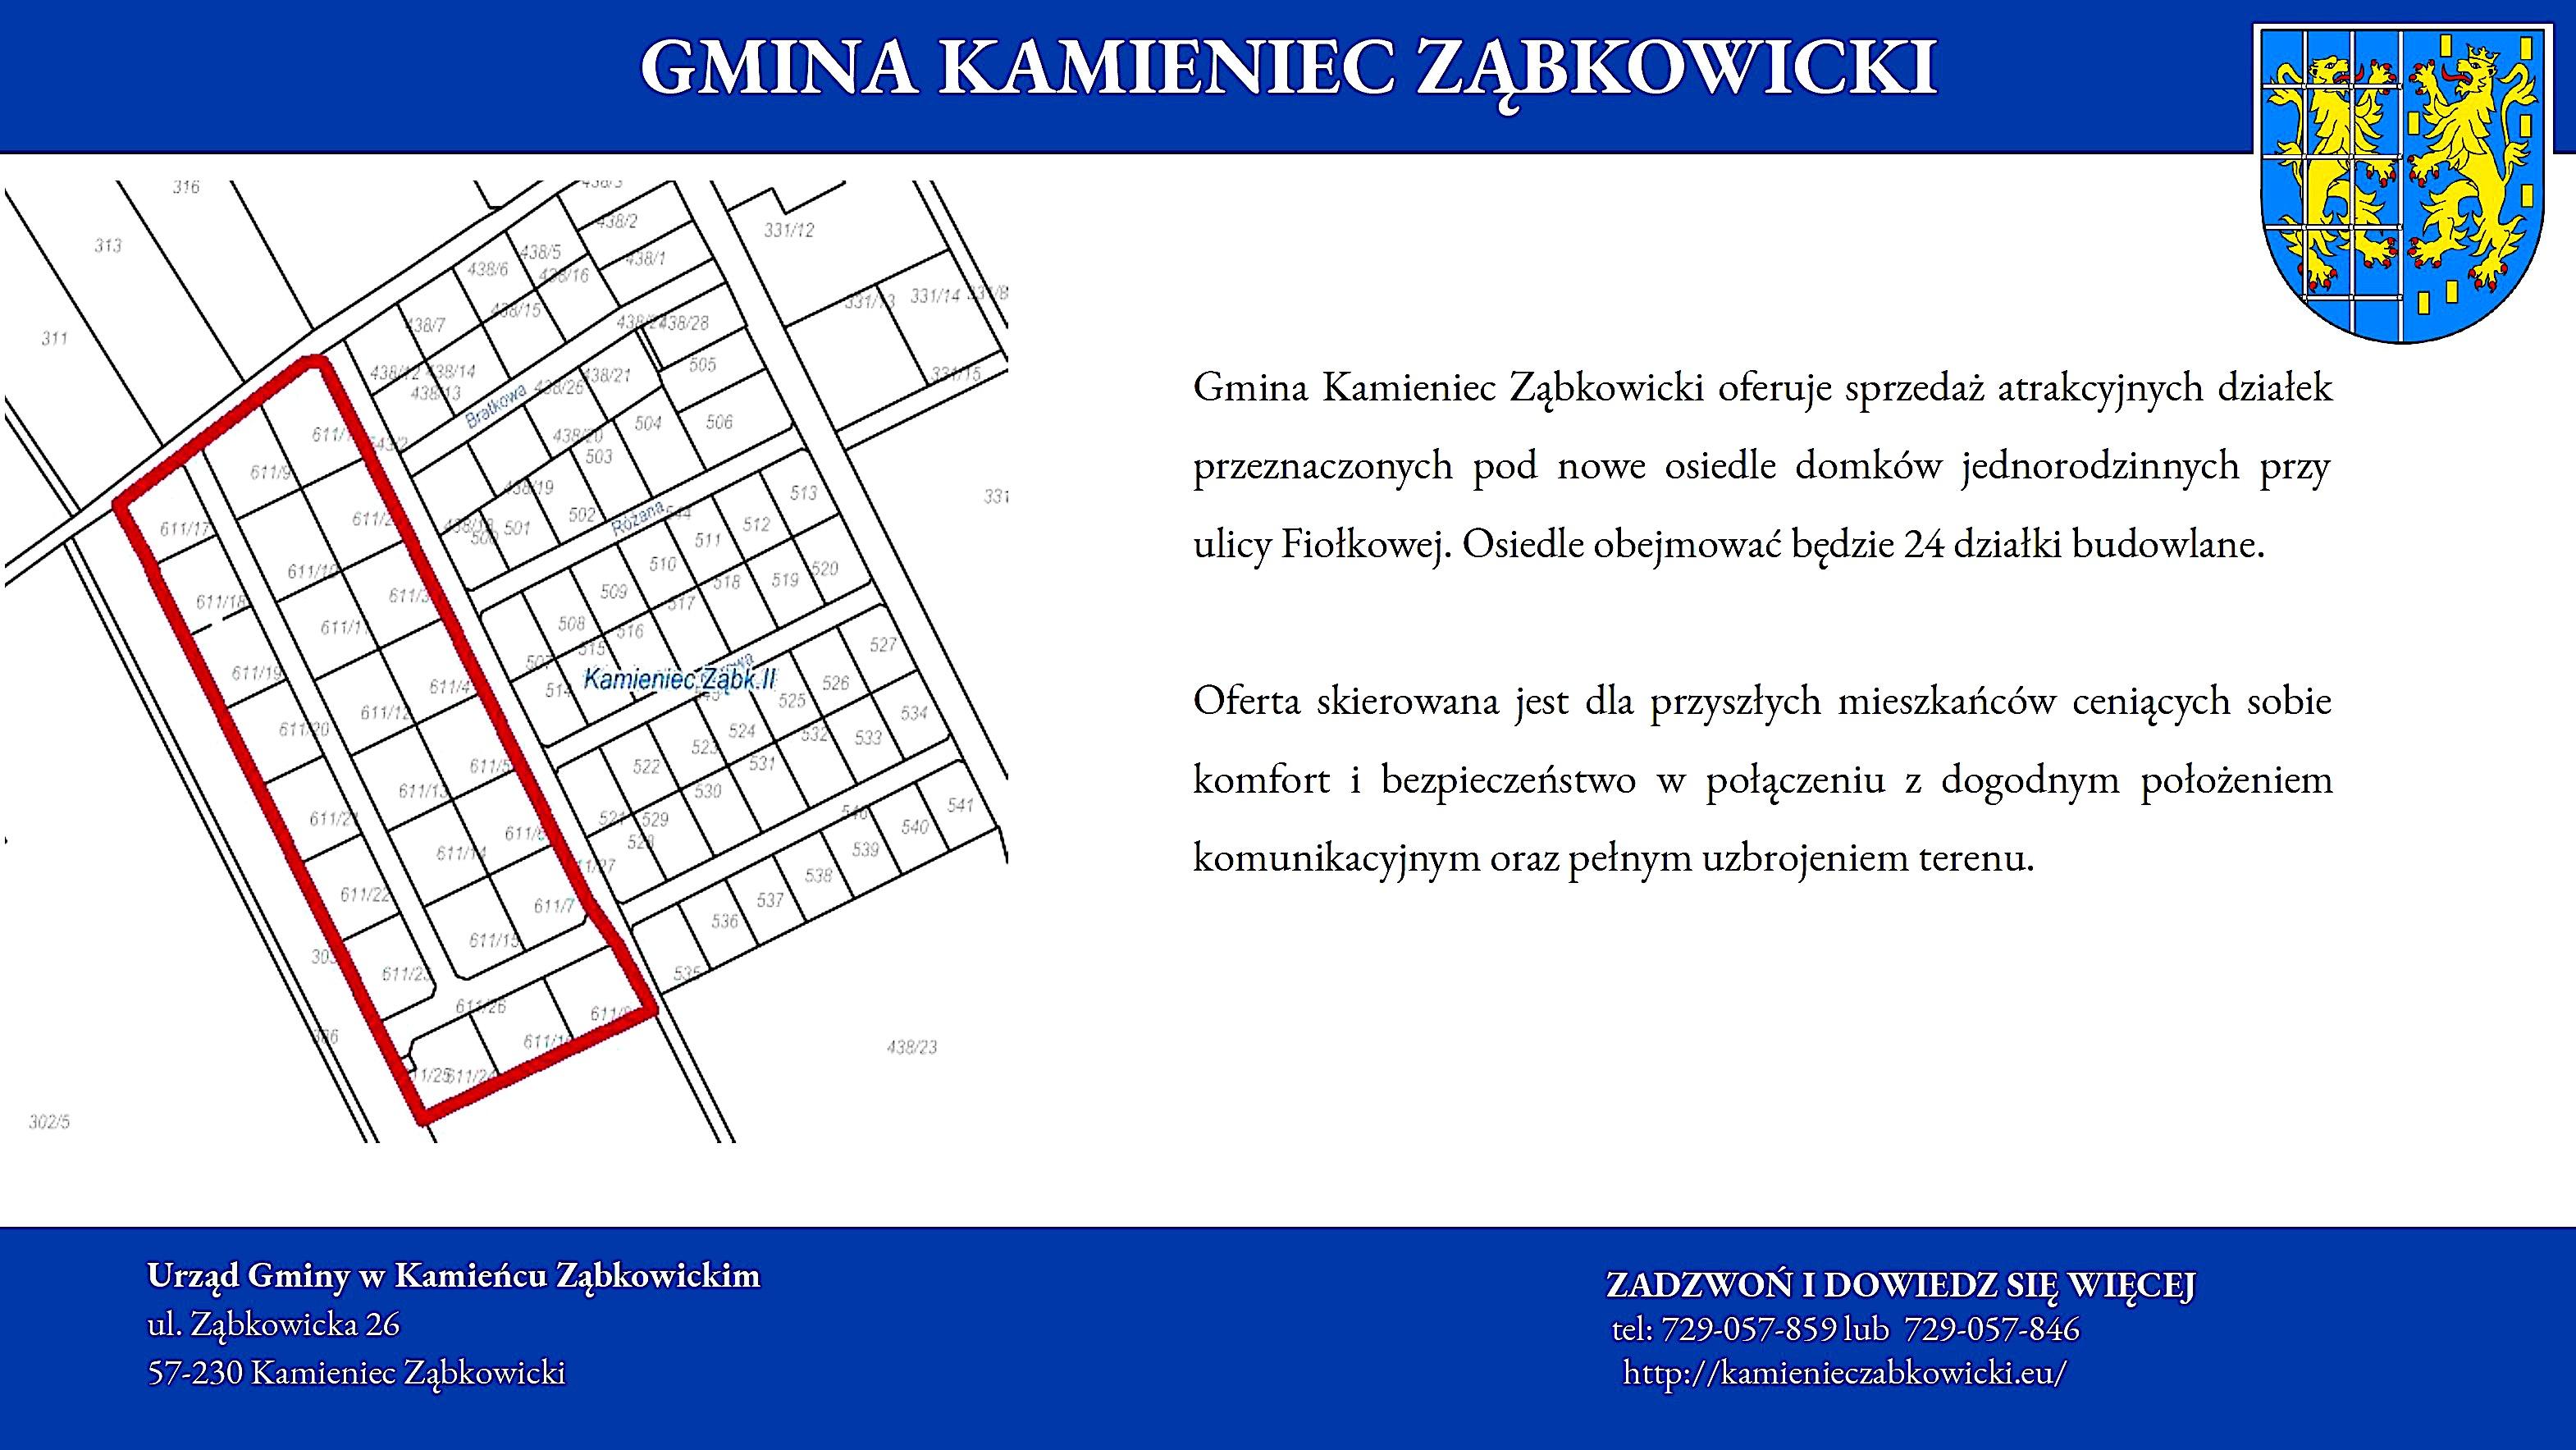 Postępowania dotyczące nieruchomości Gminy Kamieniec Ząbkowicki_2019_09_09